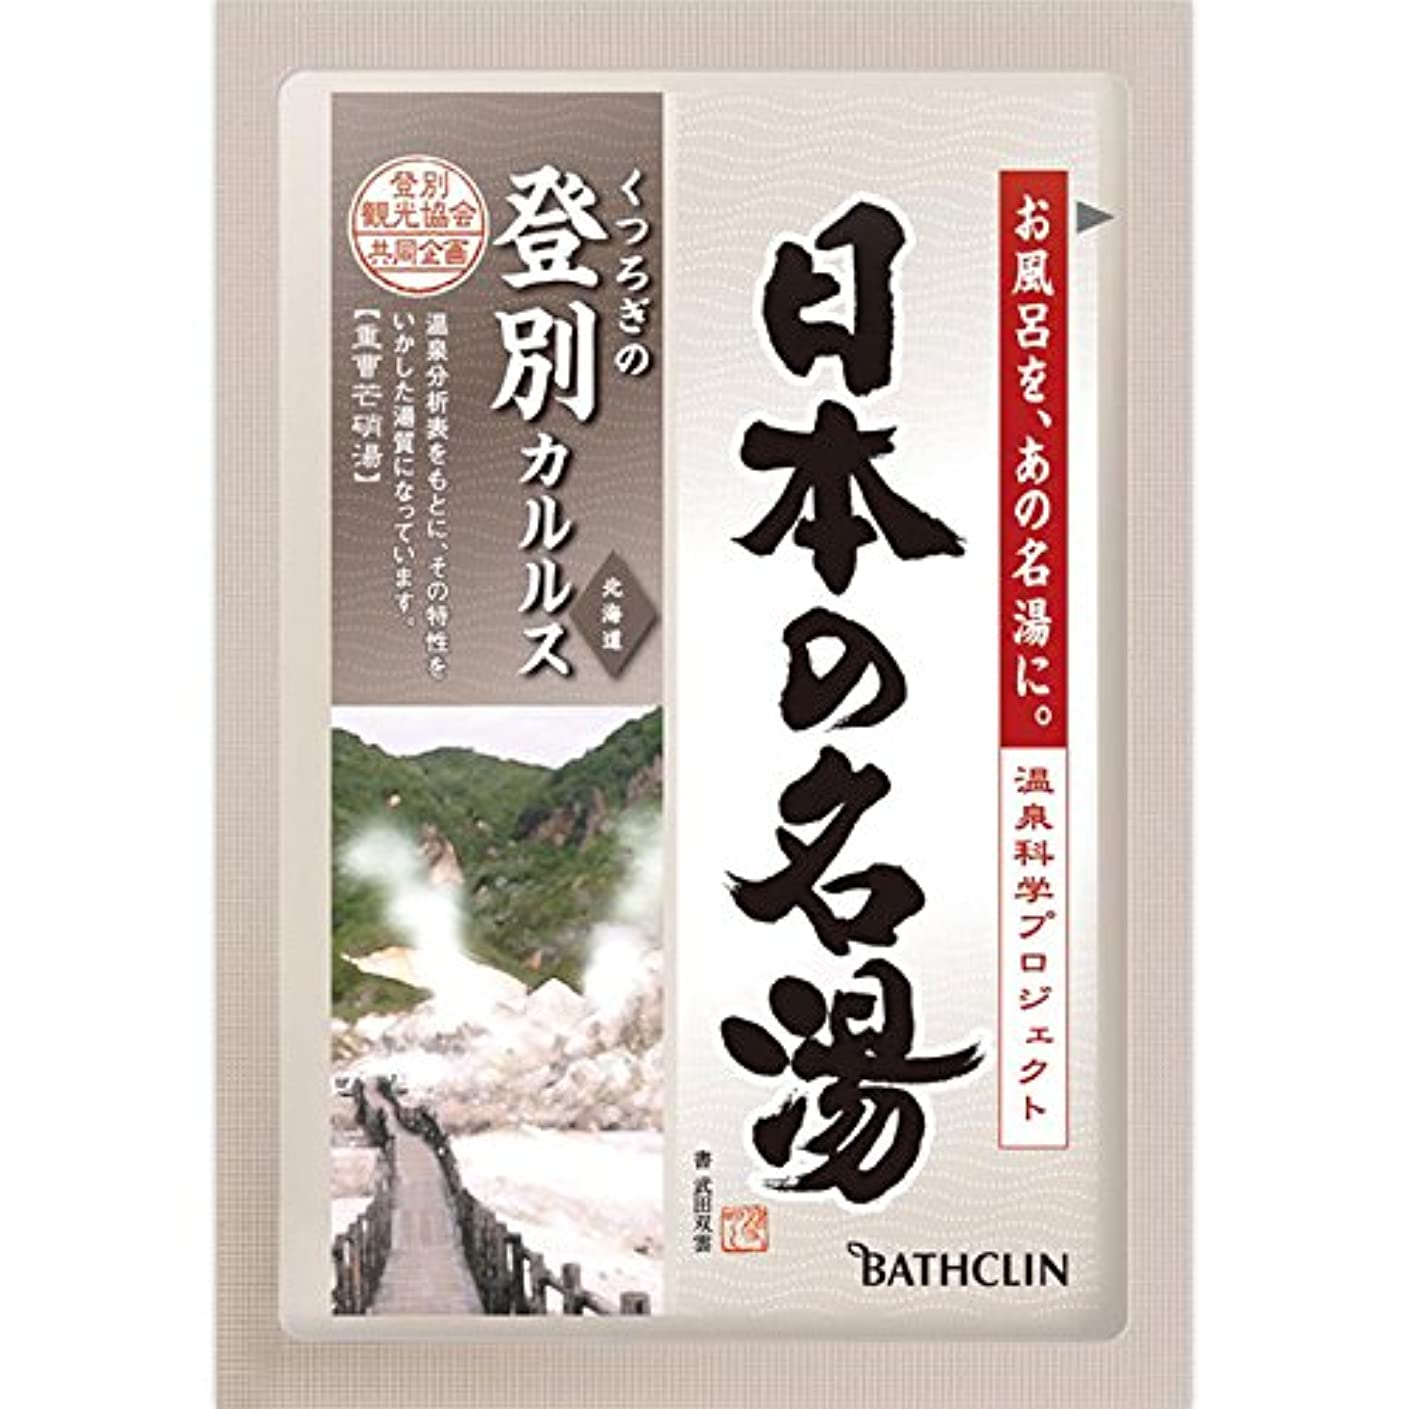 うがい療法差別化するバスクリン 日本の名湯 登別カルルス 30g (医薬部外品)